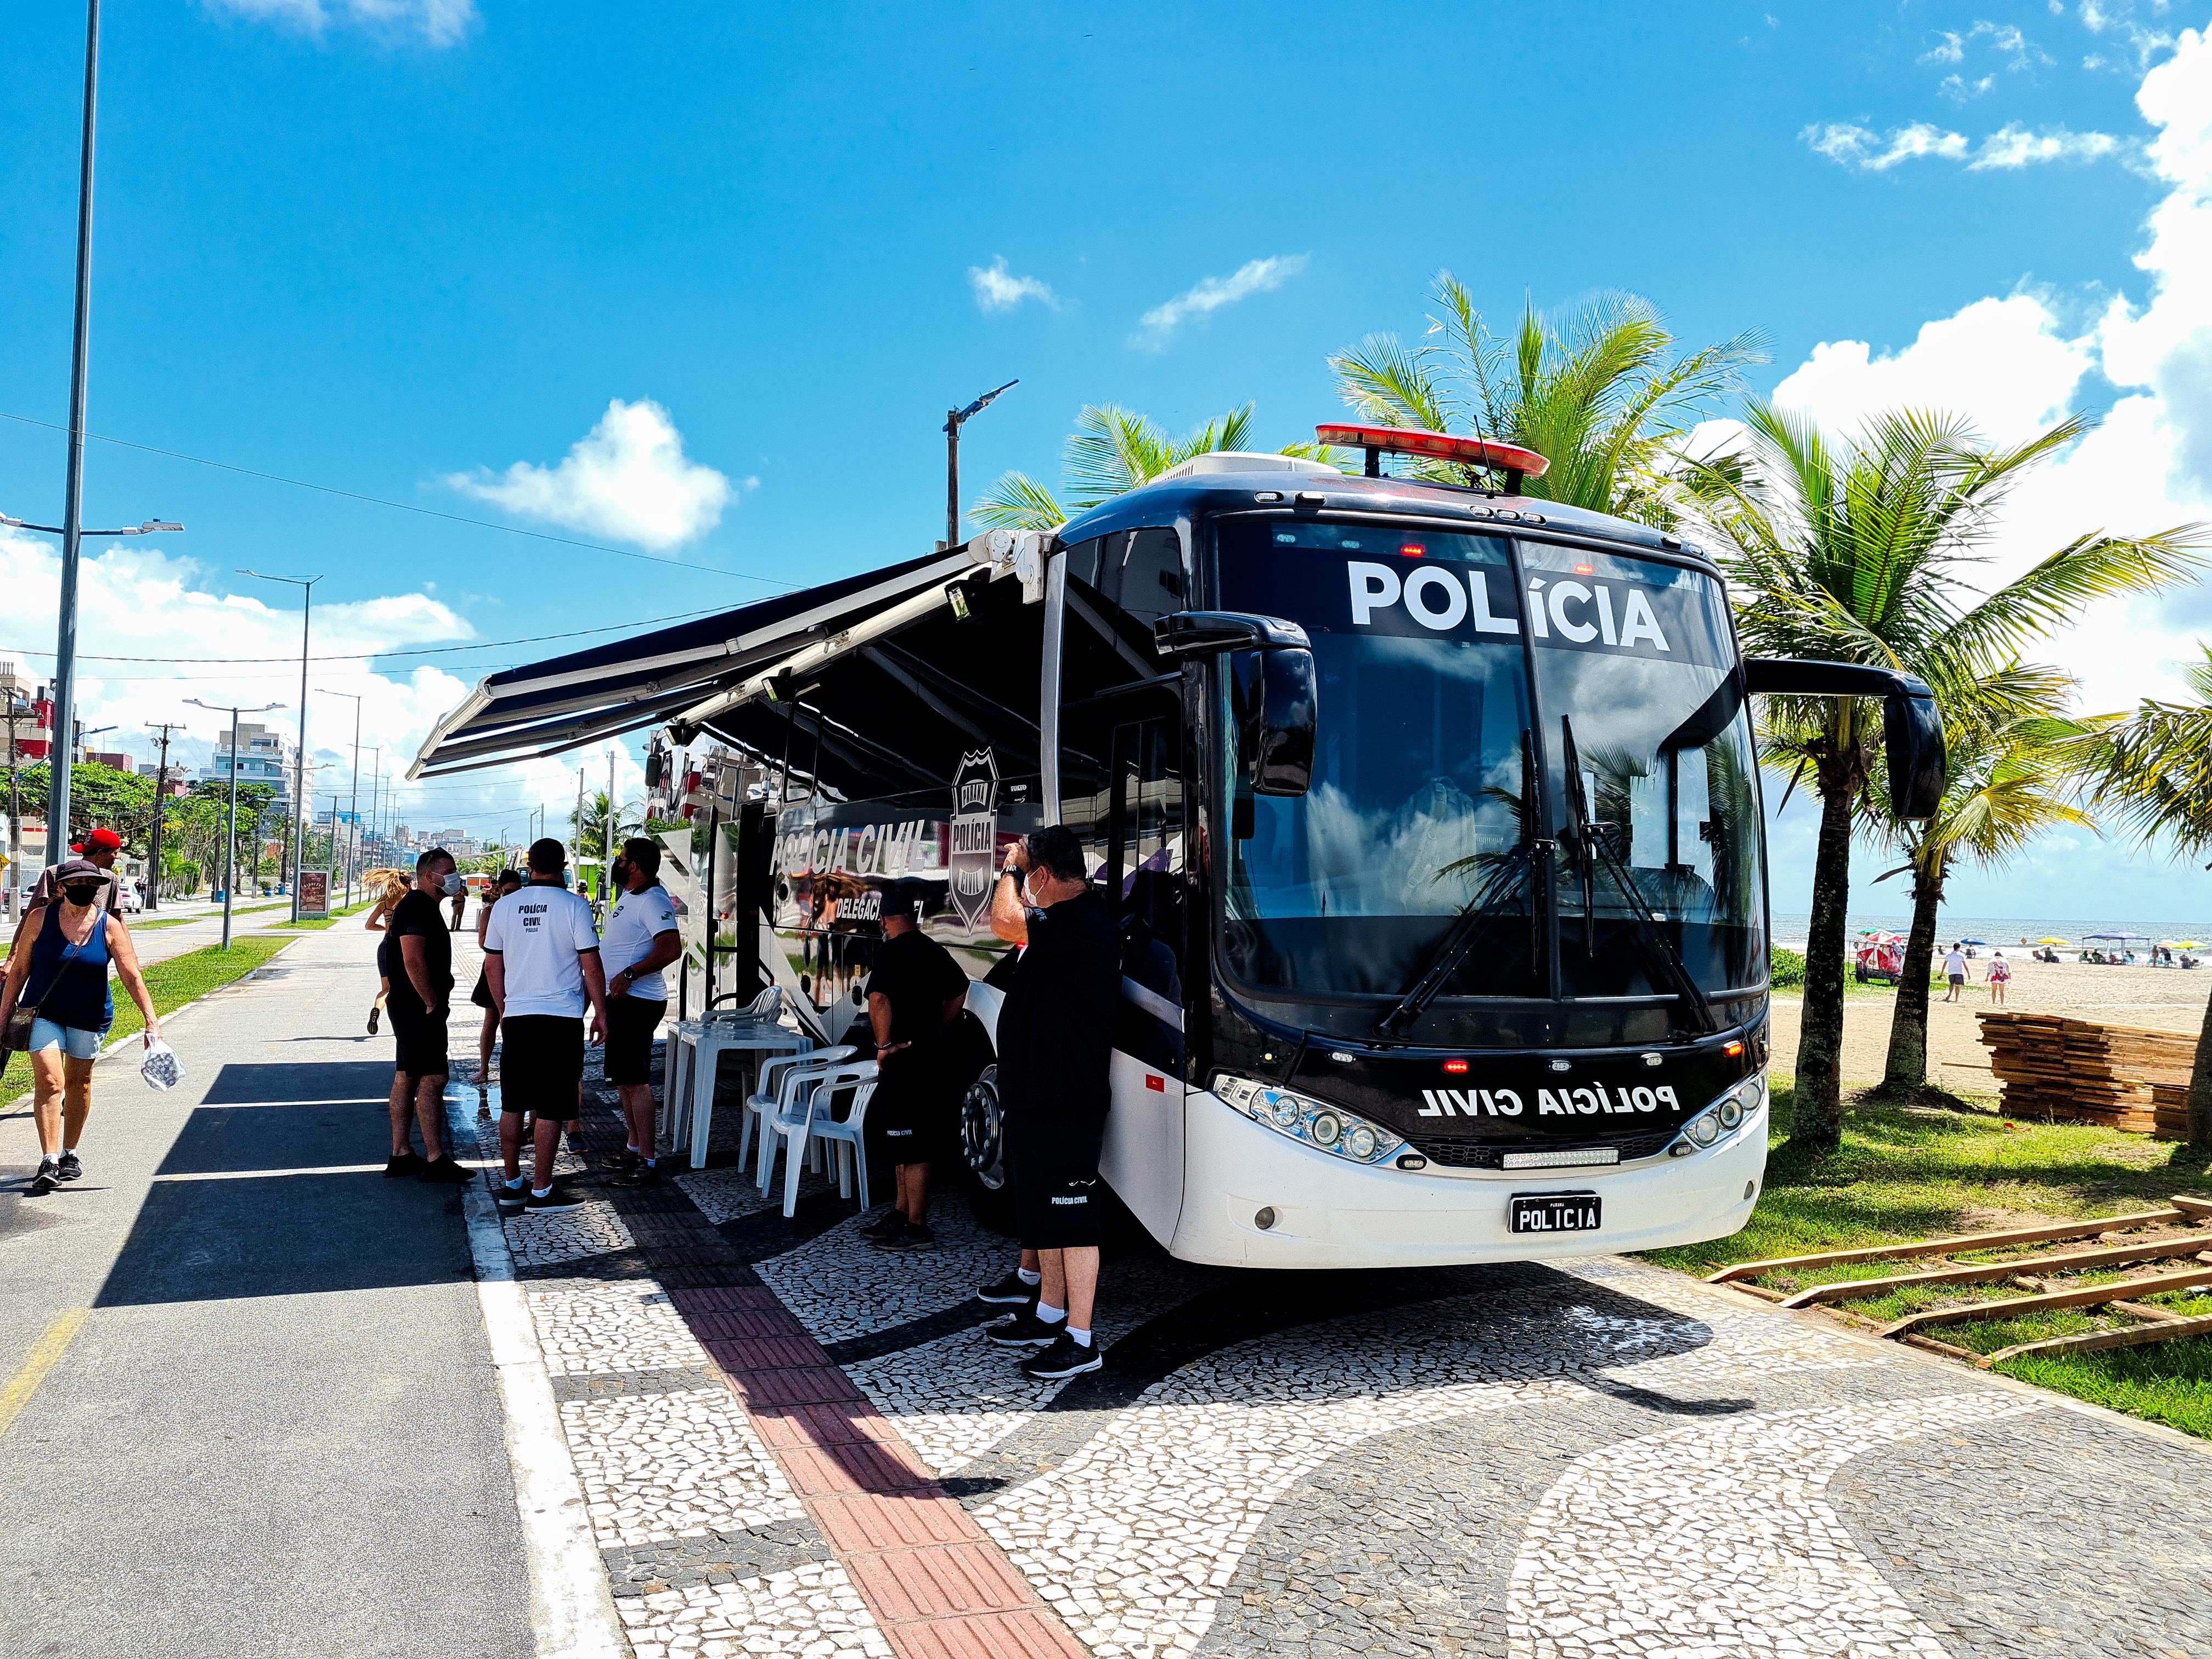 PCPR inicia atuação com Delegacia Móvel no Litoral